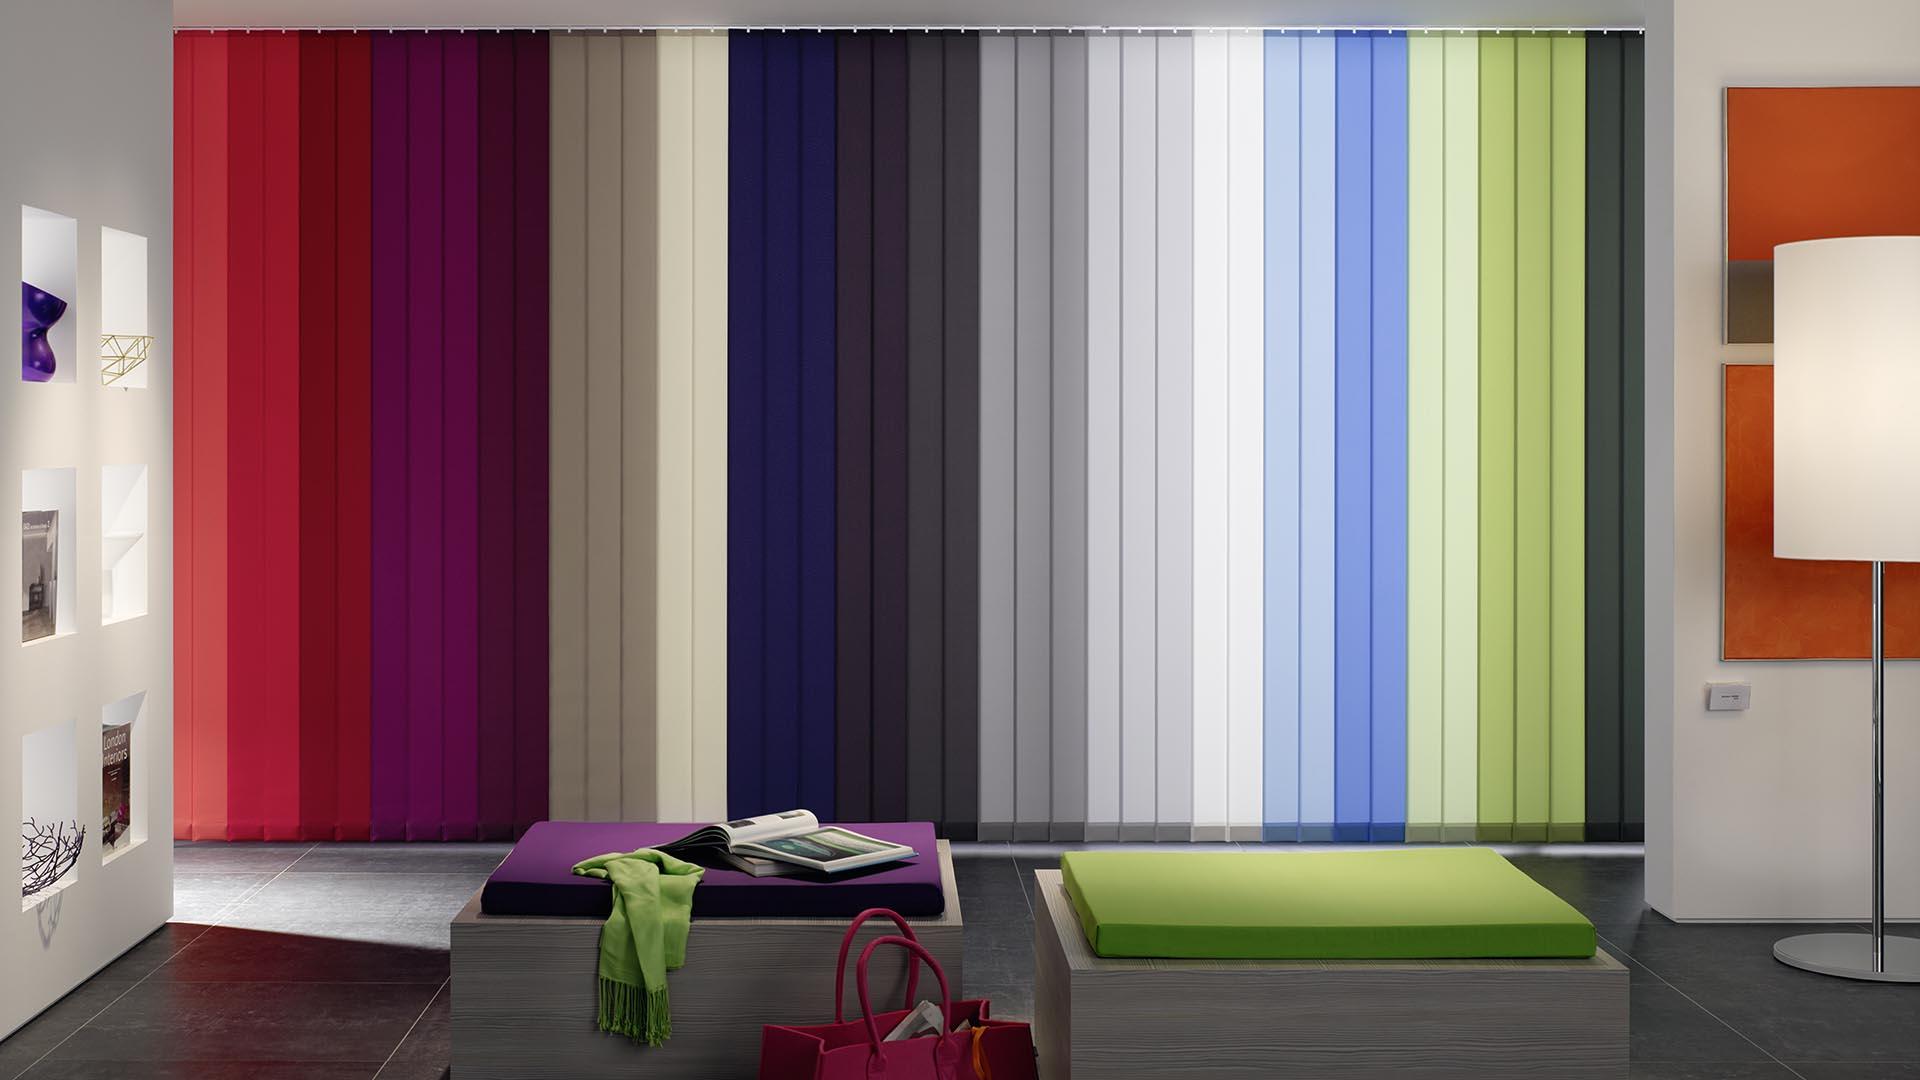 Farbkombination möglich